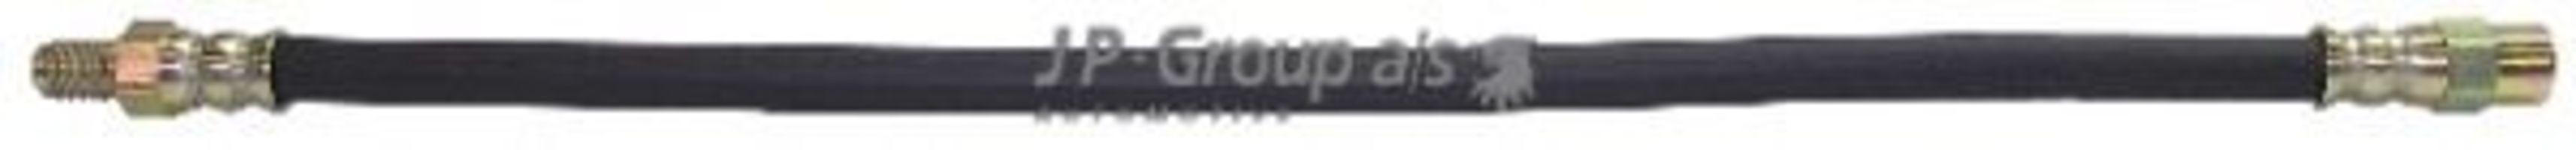 Шланг тормозной JP GROUP 1361600100